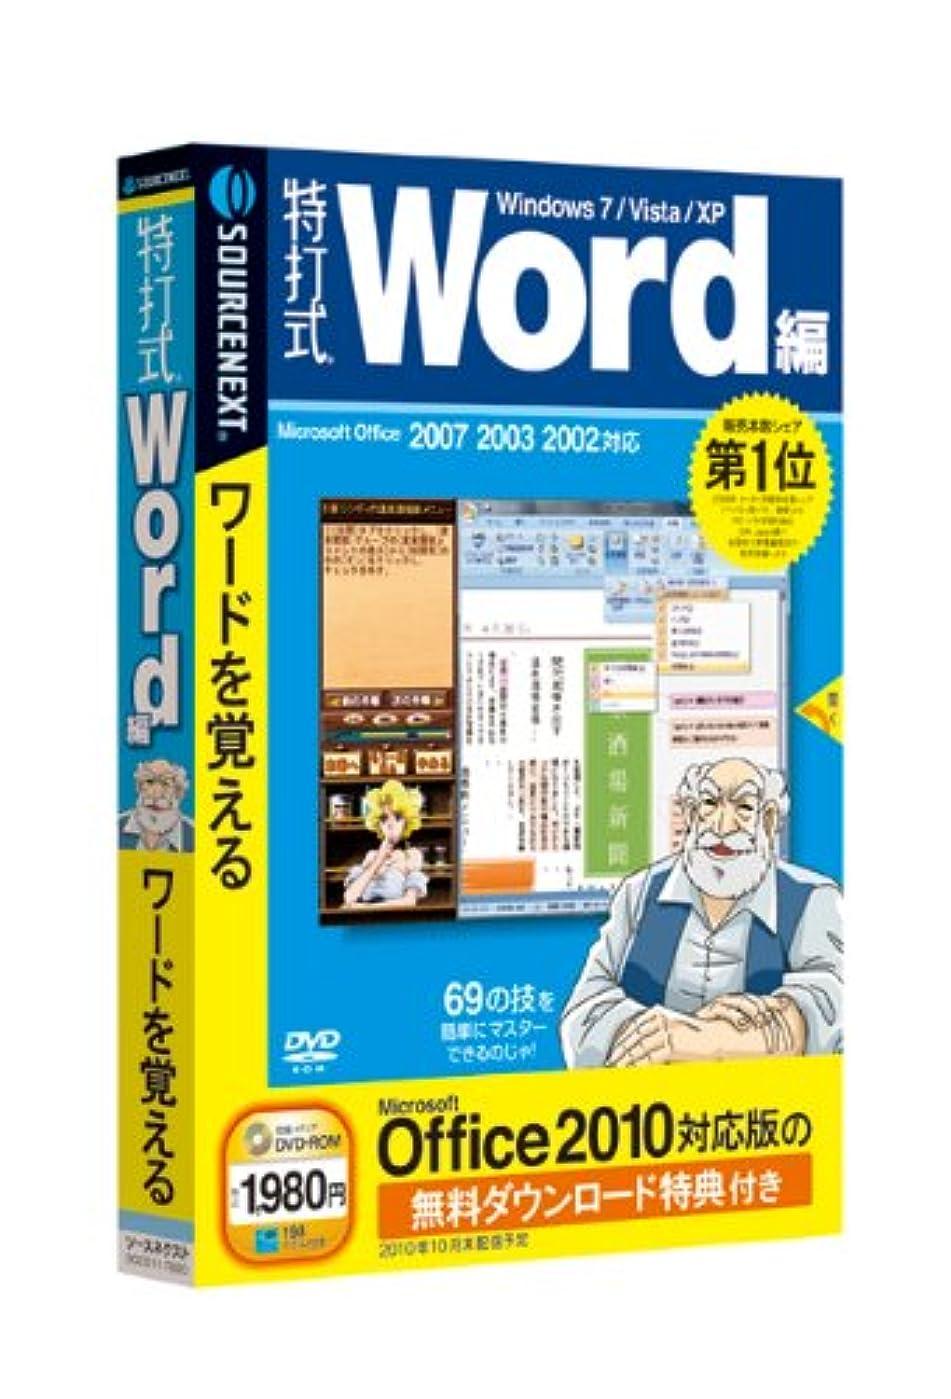 鉄犯人孤独特打式 Word編 (Office 2010対応版 無料ダウンロード特典付き)